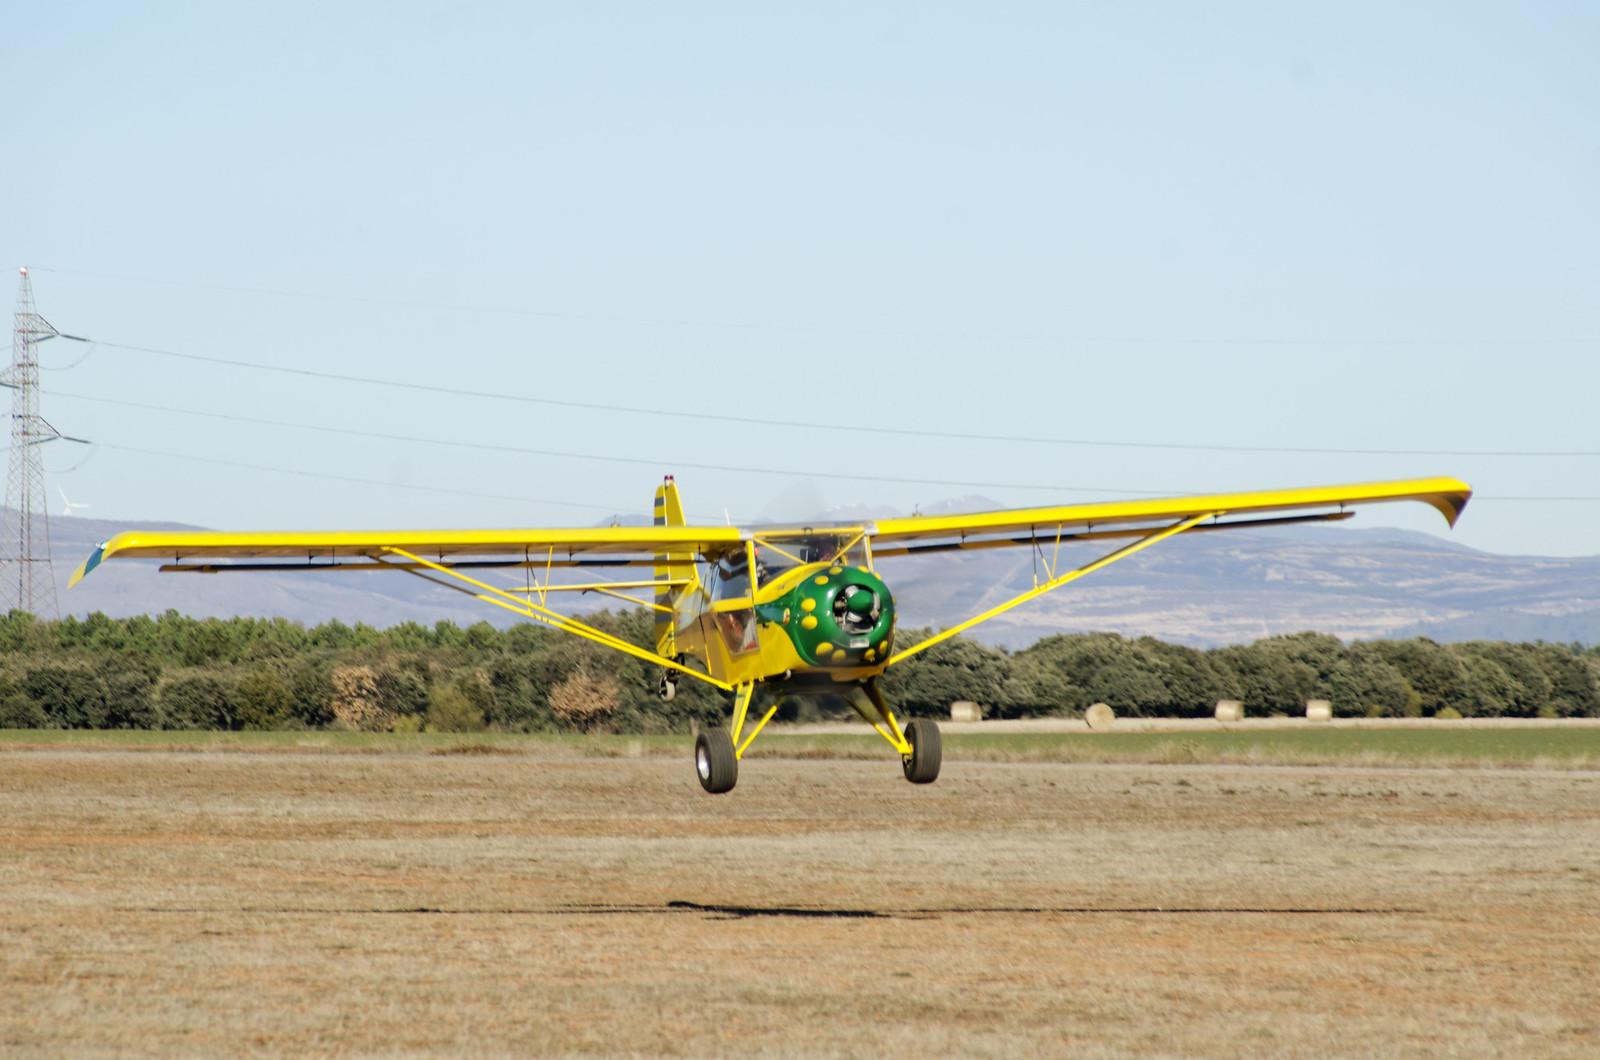 Vuelo Roberto Jabiru UL-450 Aerodromo Kitfox vuelo Astorga (173)